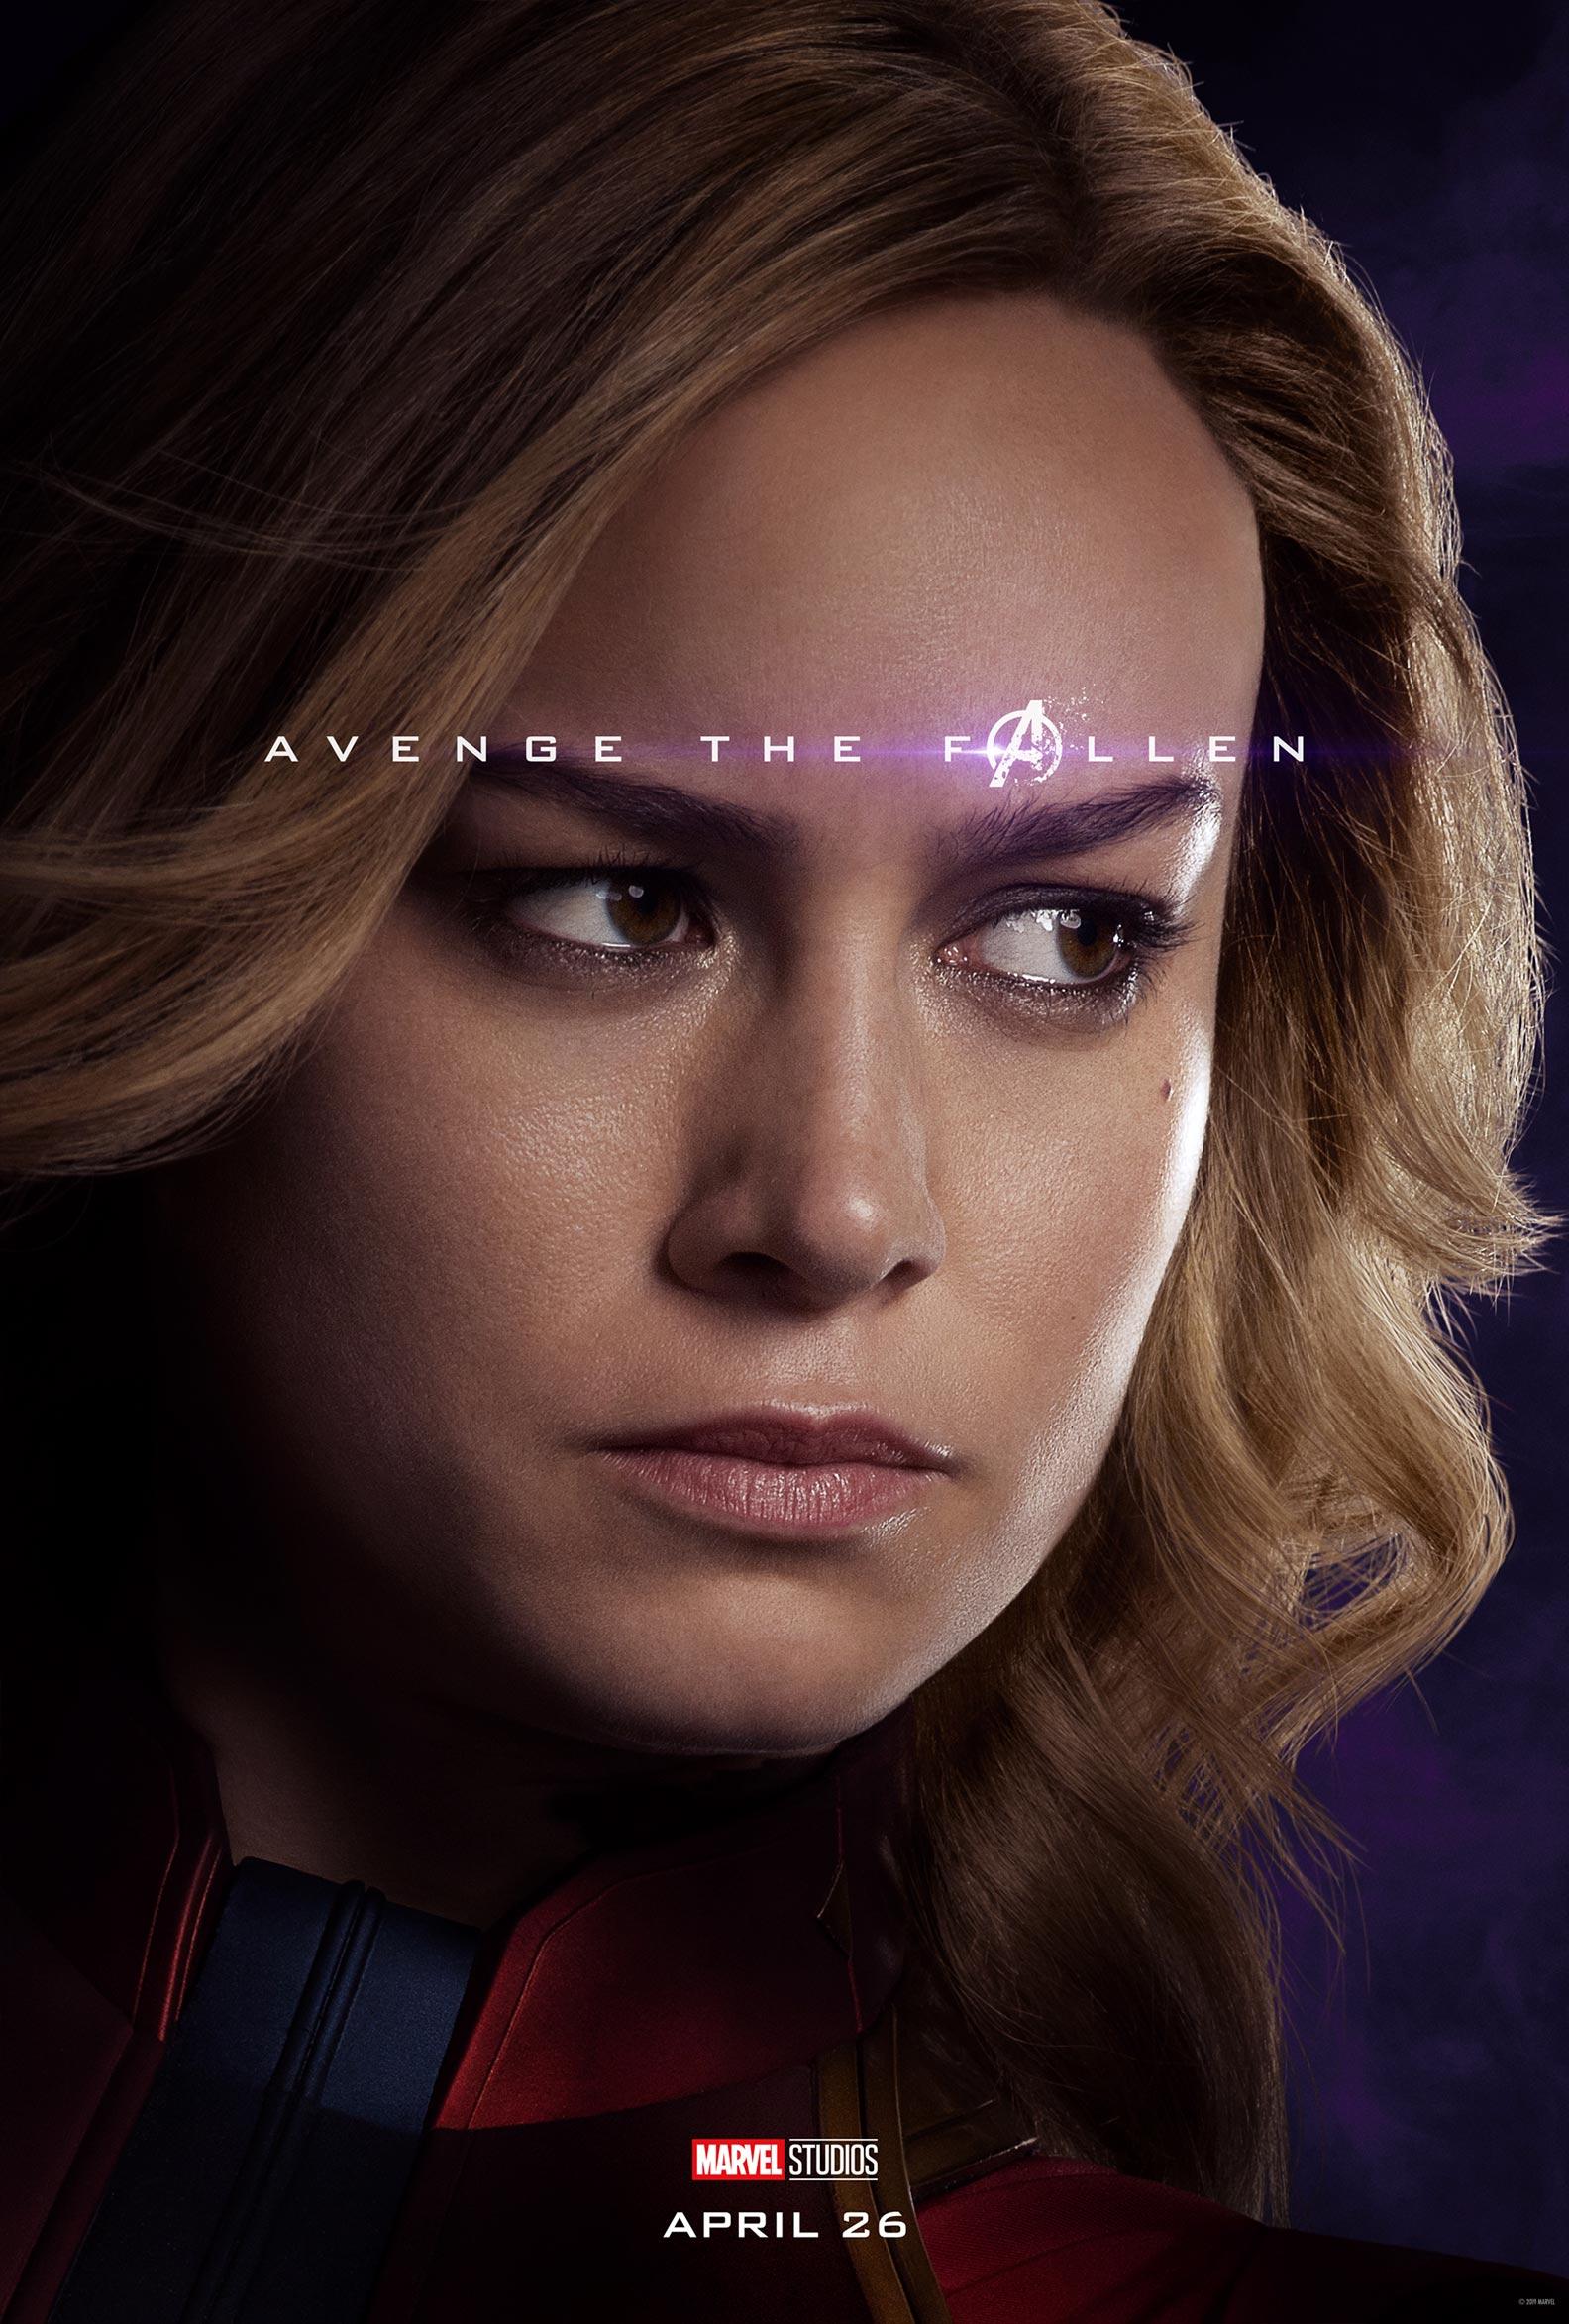 Avengers: Endgame Poster #30